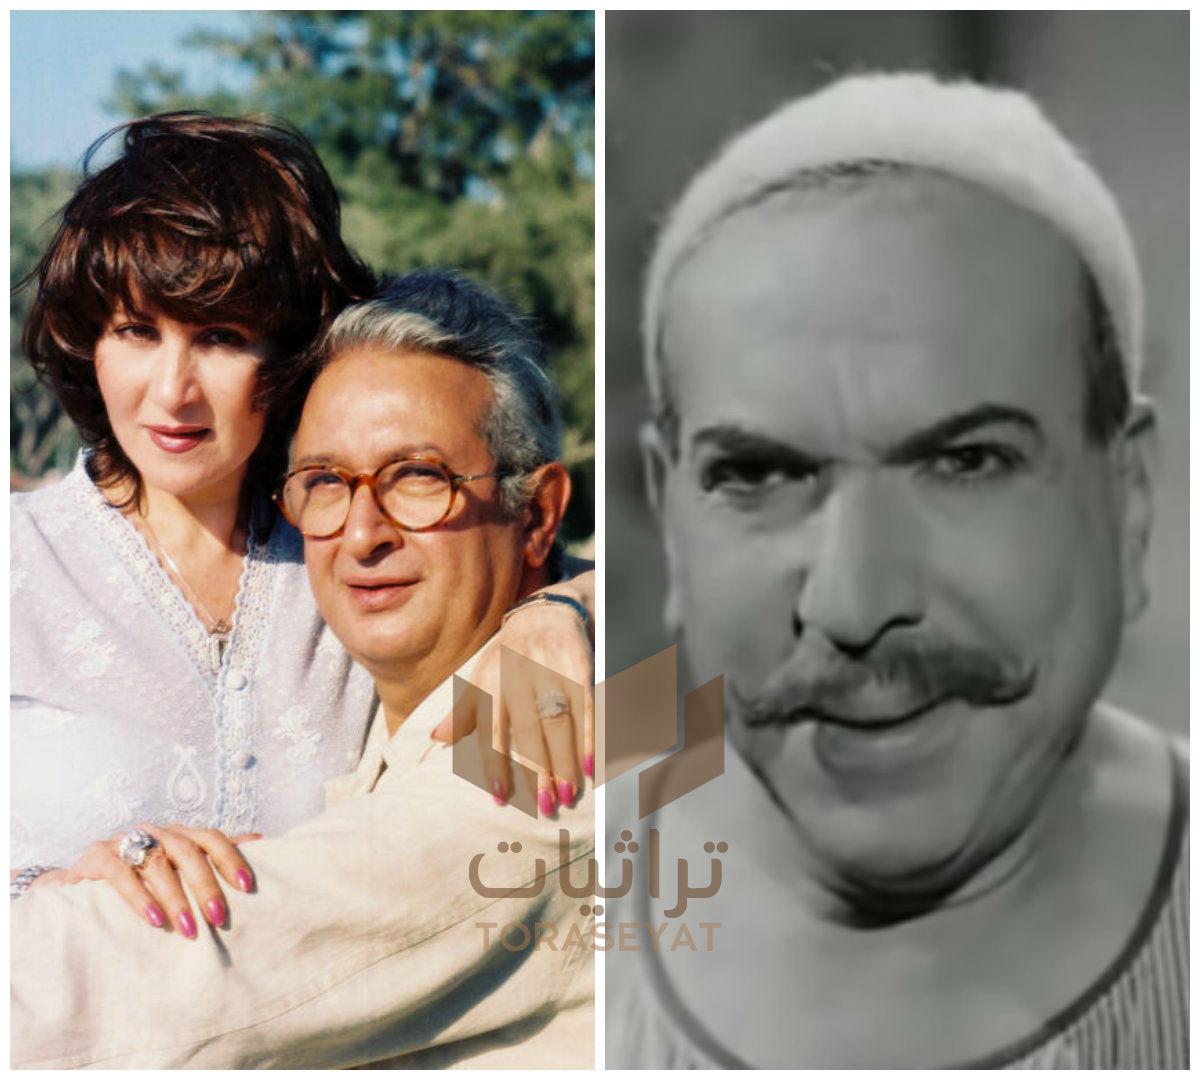 زكي رستم - نور الشريف وبوسي